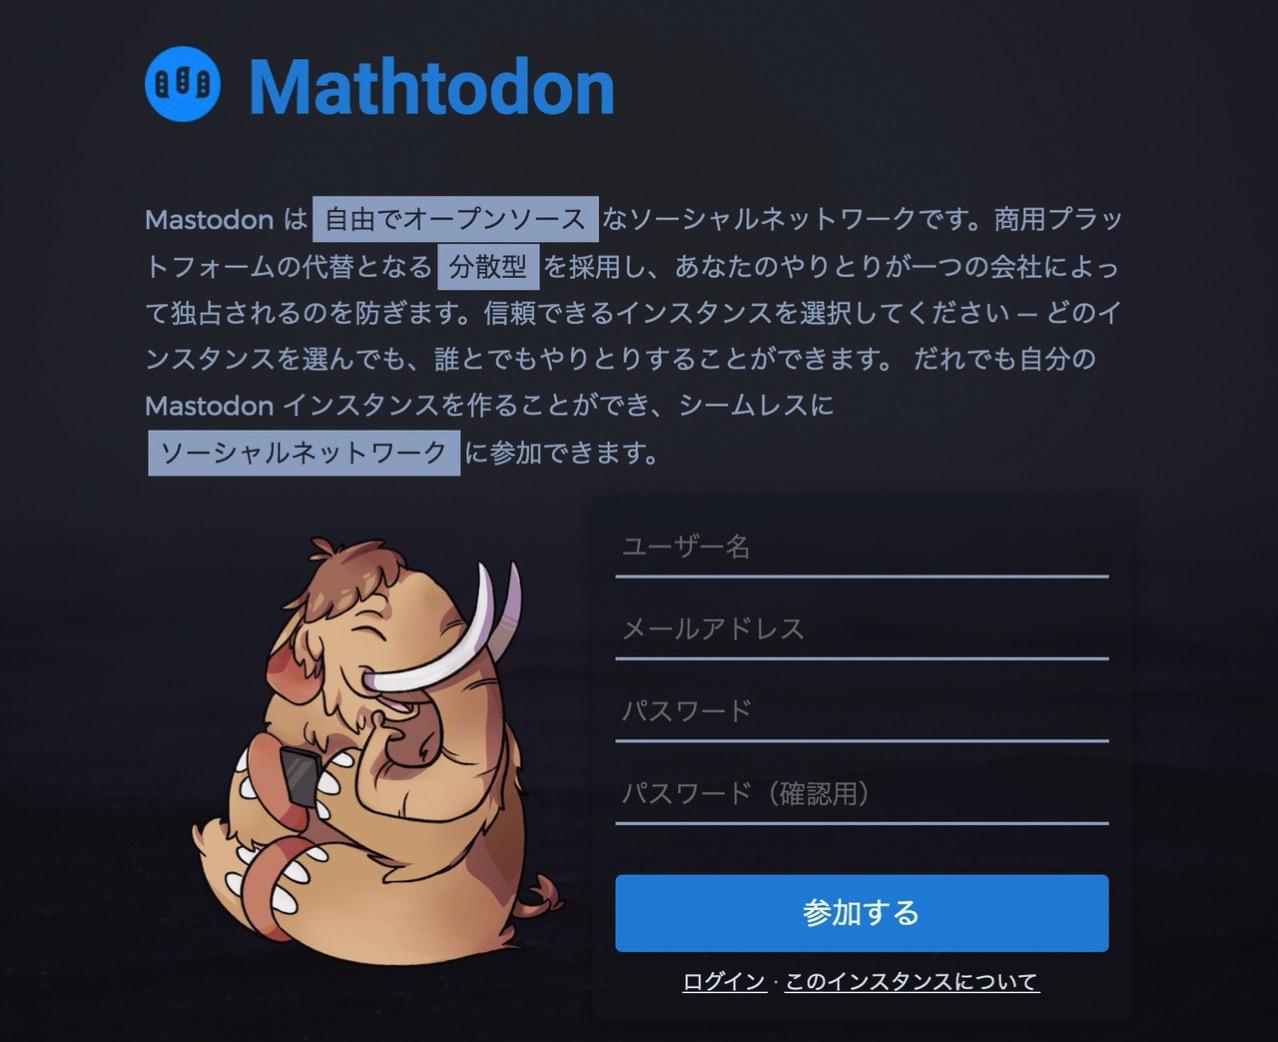 数式が書ける数学好きの人のためのマストドン「Mathtodon」